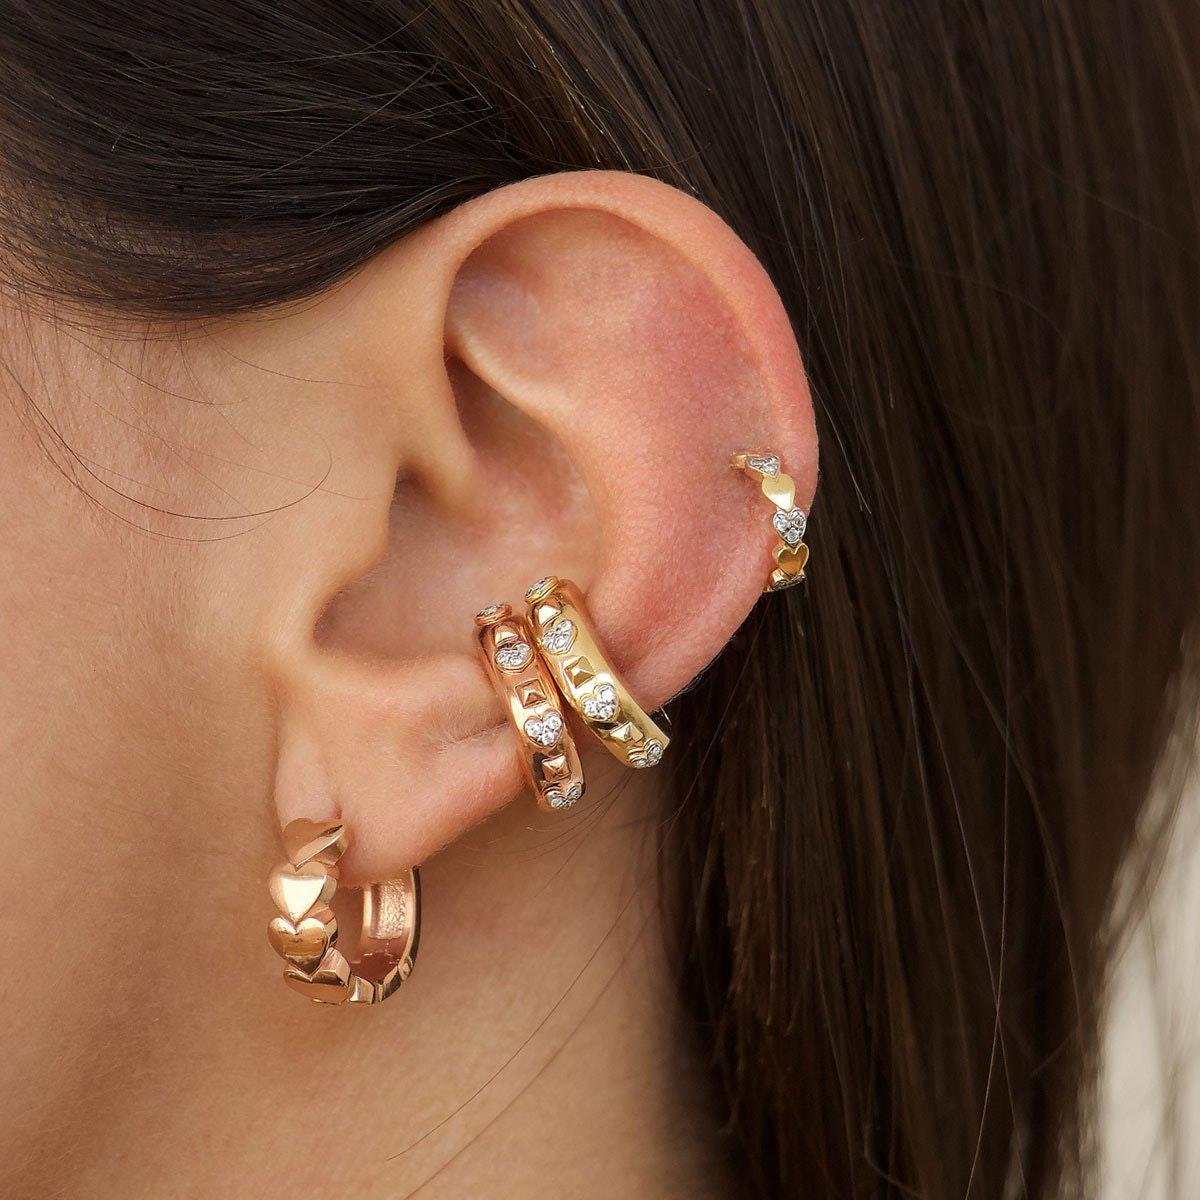 Come curare il piercing all'orecchio